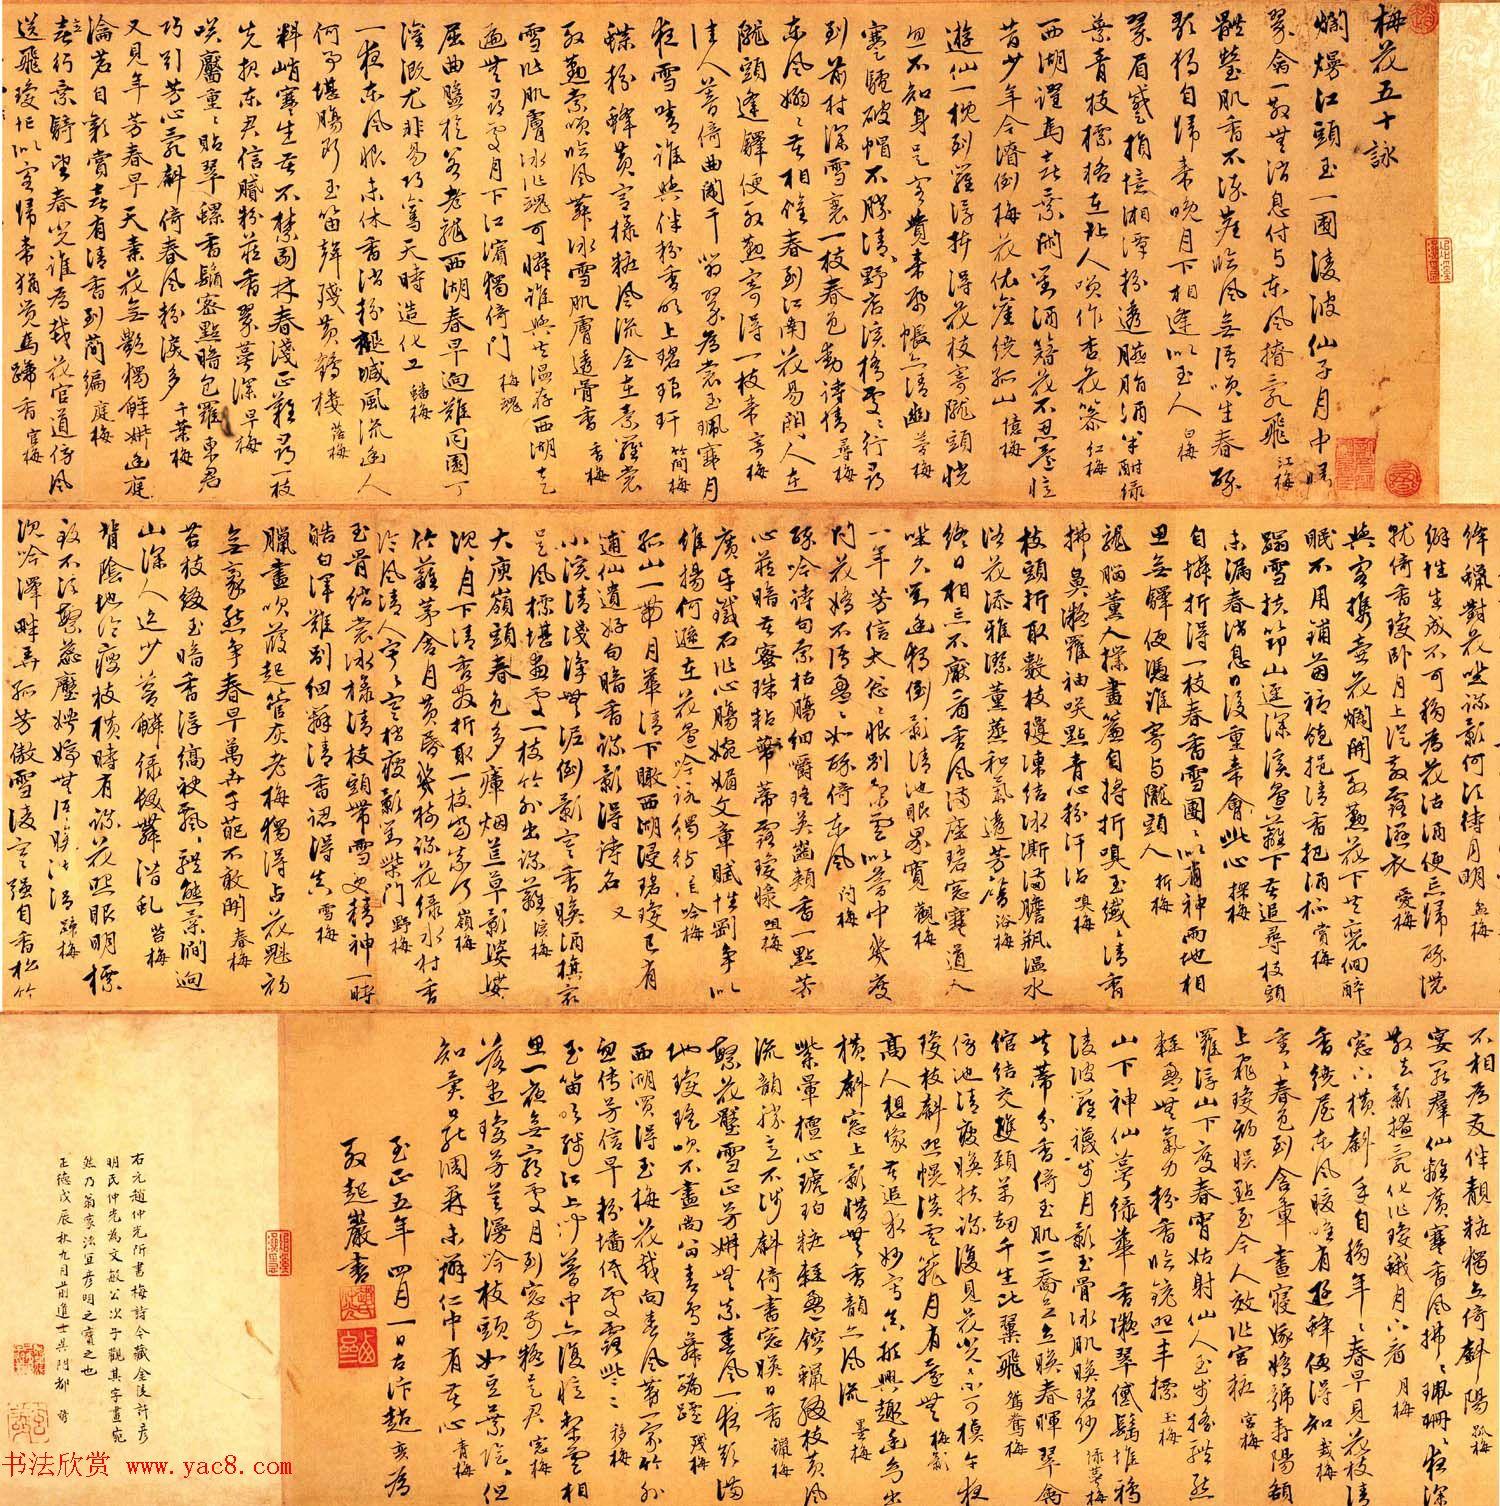 赵孟頫第三子赵奕行书梅花五十咏卷